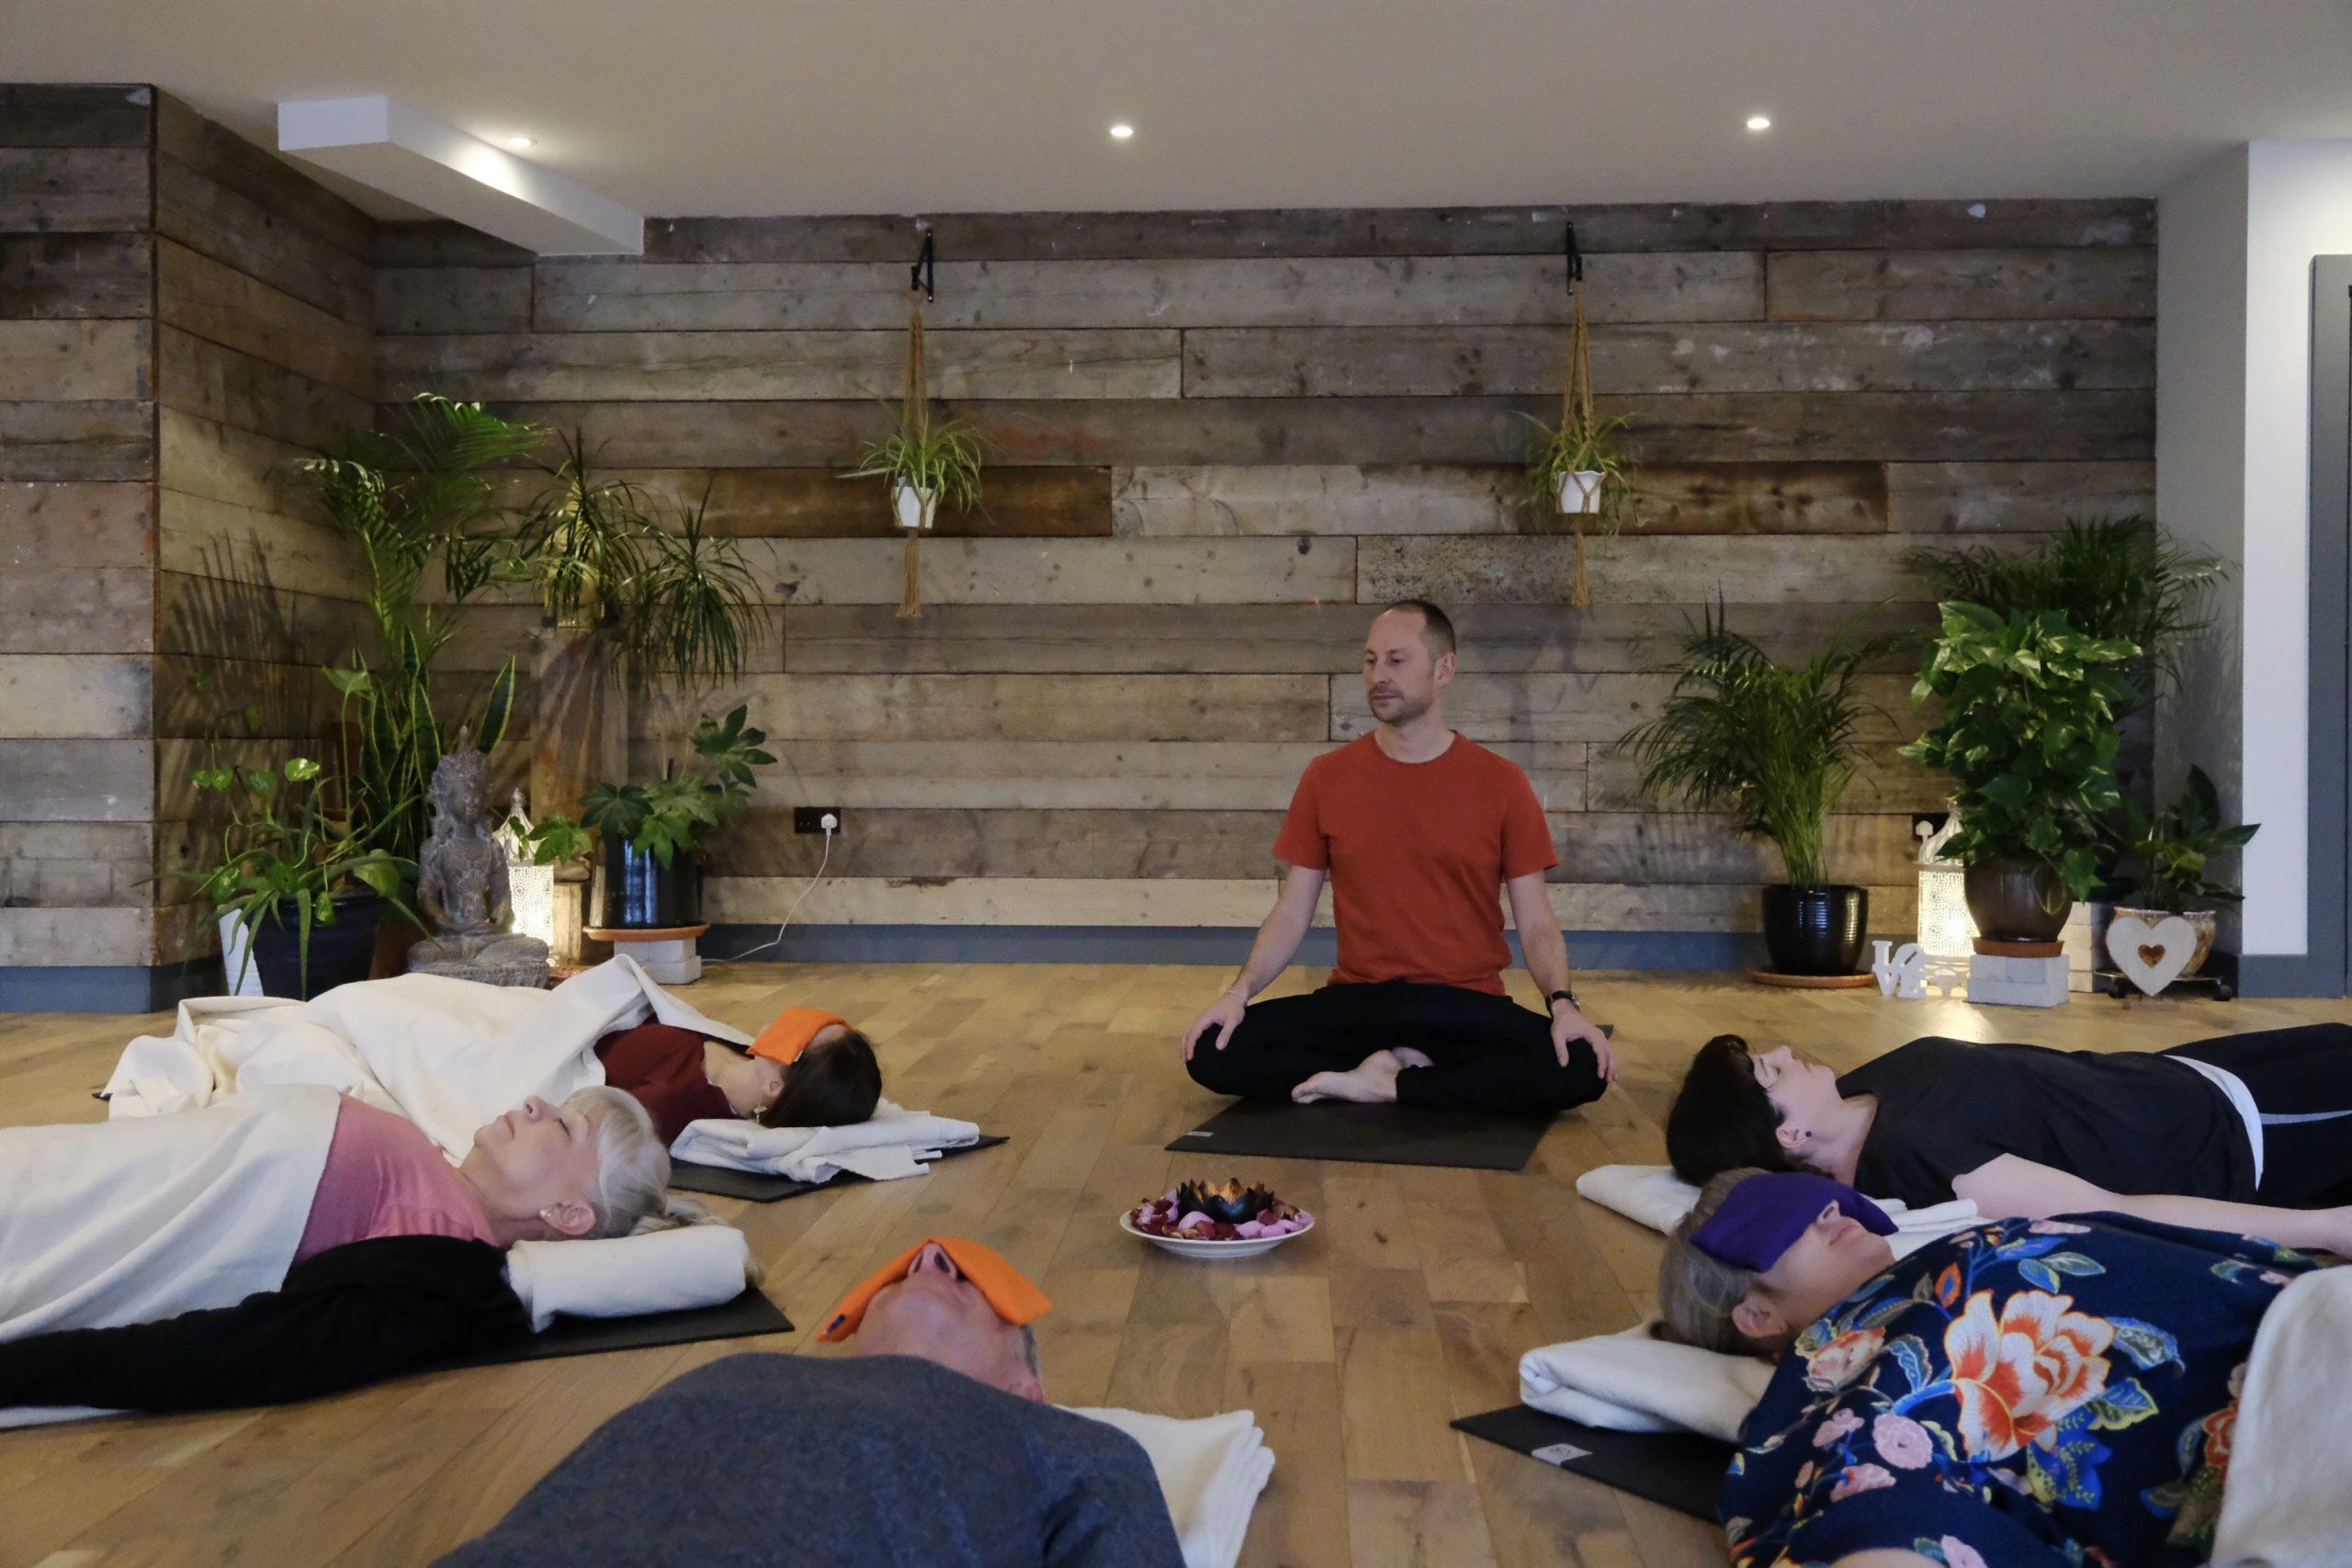 Daniel Groom teaching yoga nidra